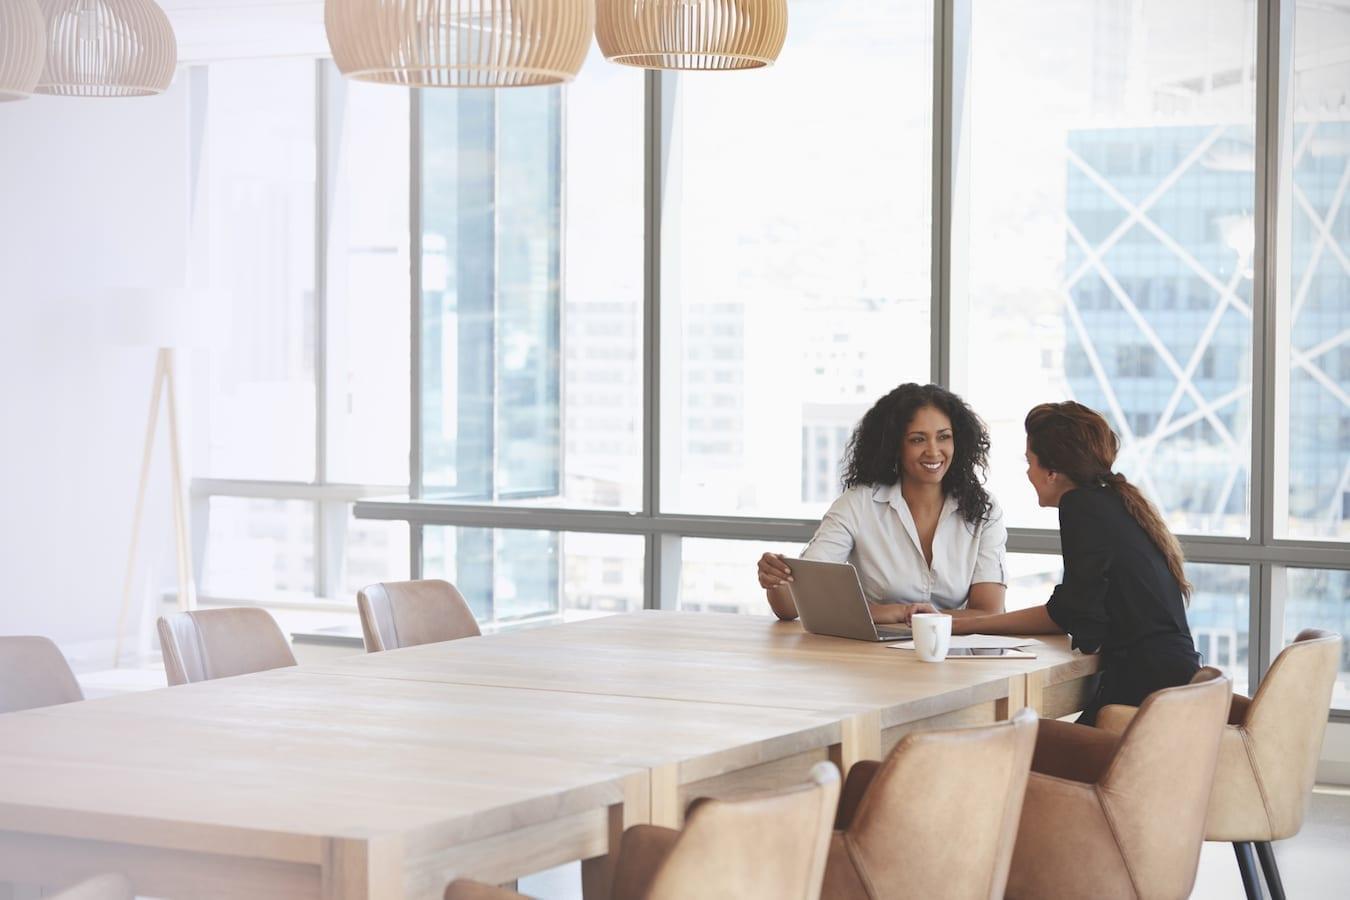 5 bonnes raisons d'engager plus de femmes